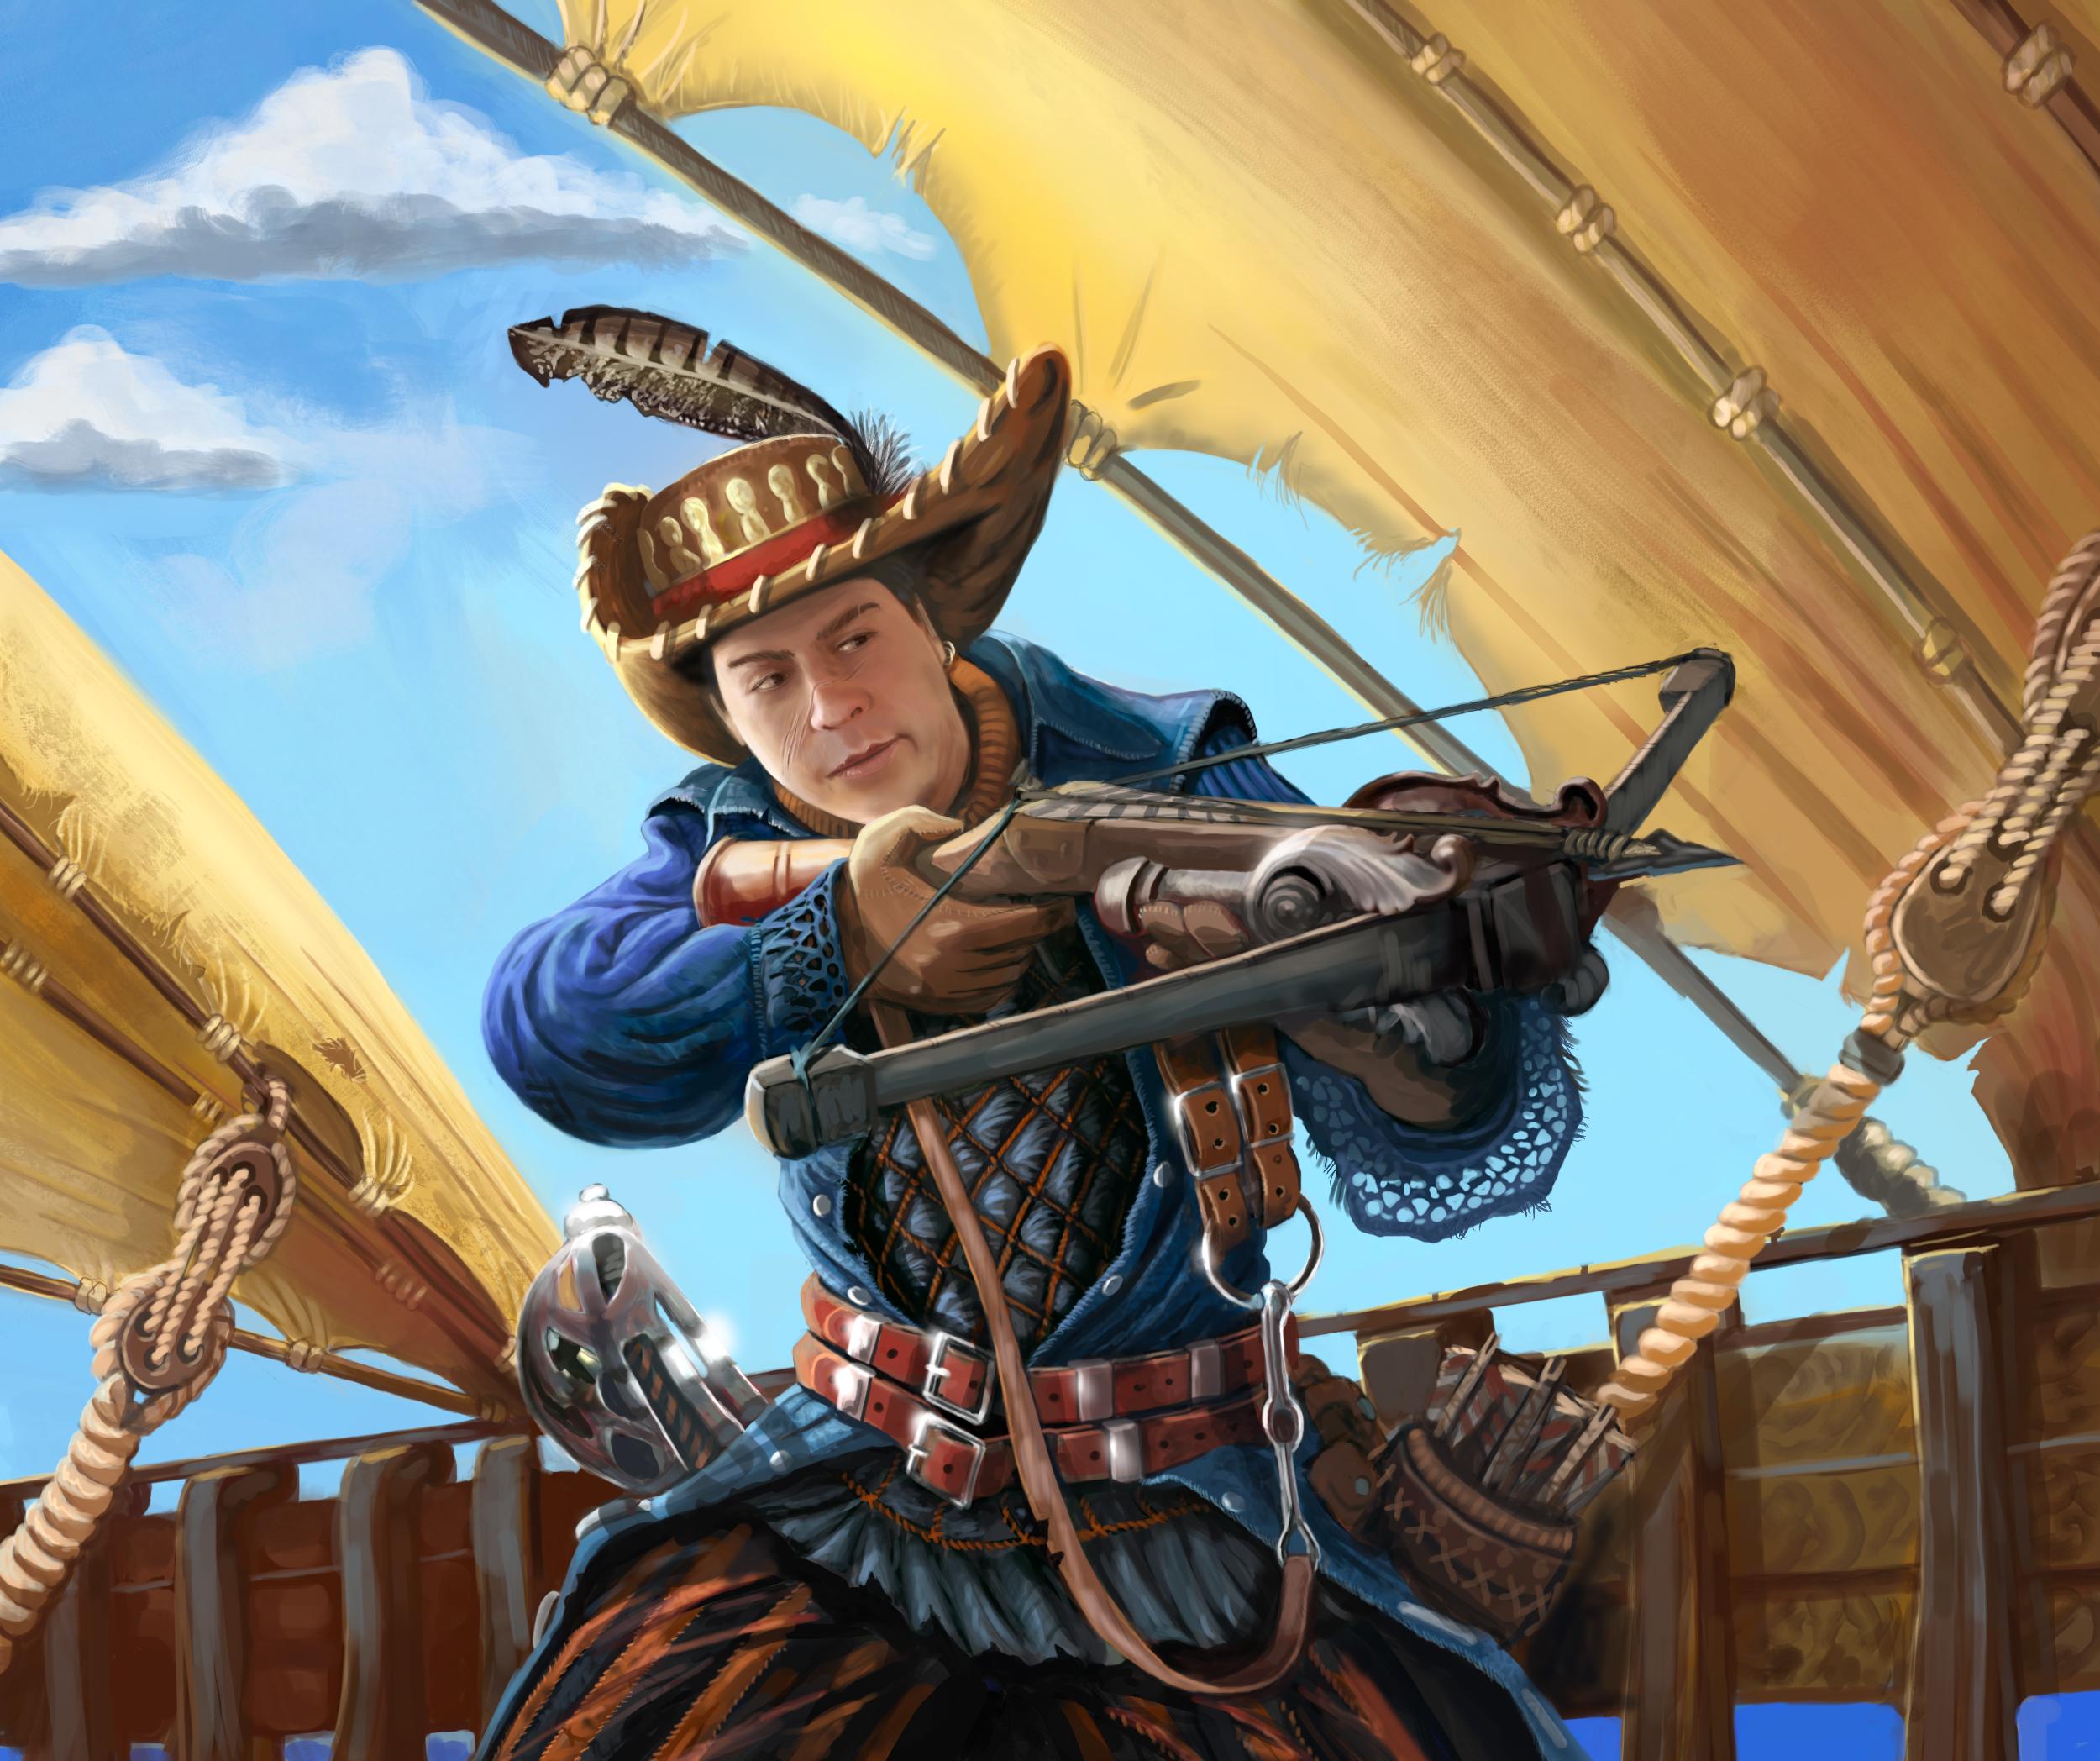 Crossbow-Pirate_-Alexander-Gustafson.jpg